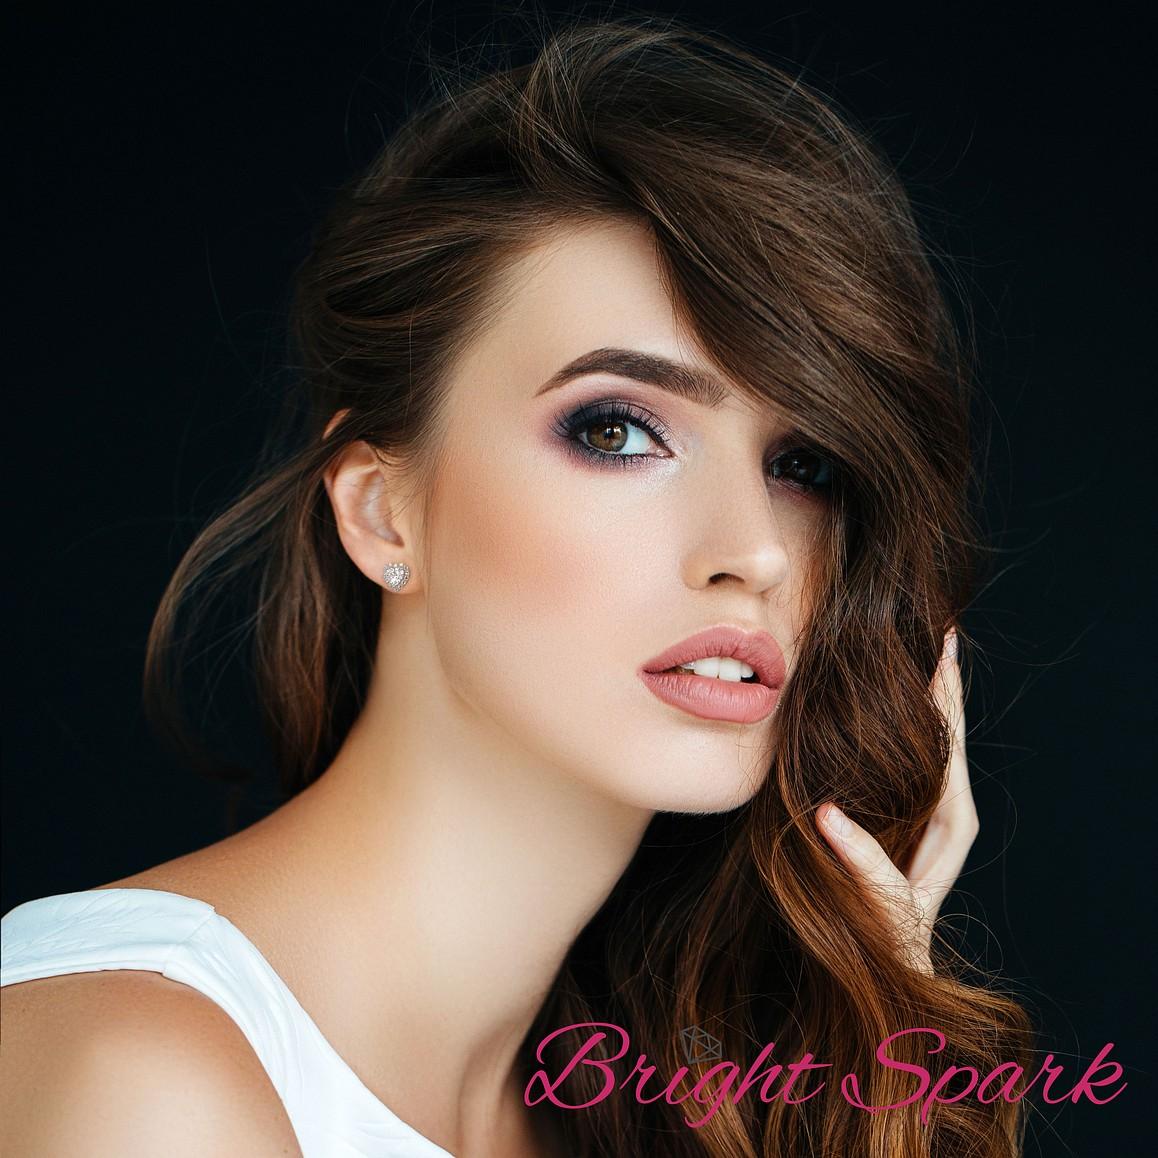 Серьги с муассанитами сердце в обрамлении, Camila на 1,9 карата белого золота в ушке